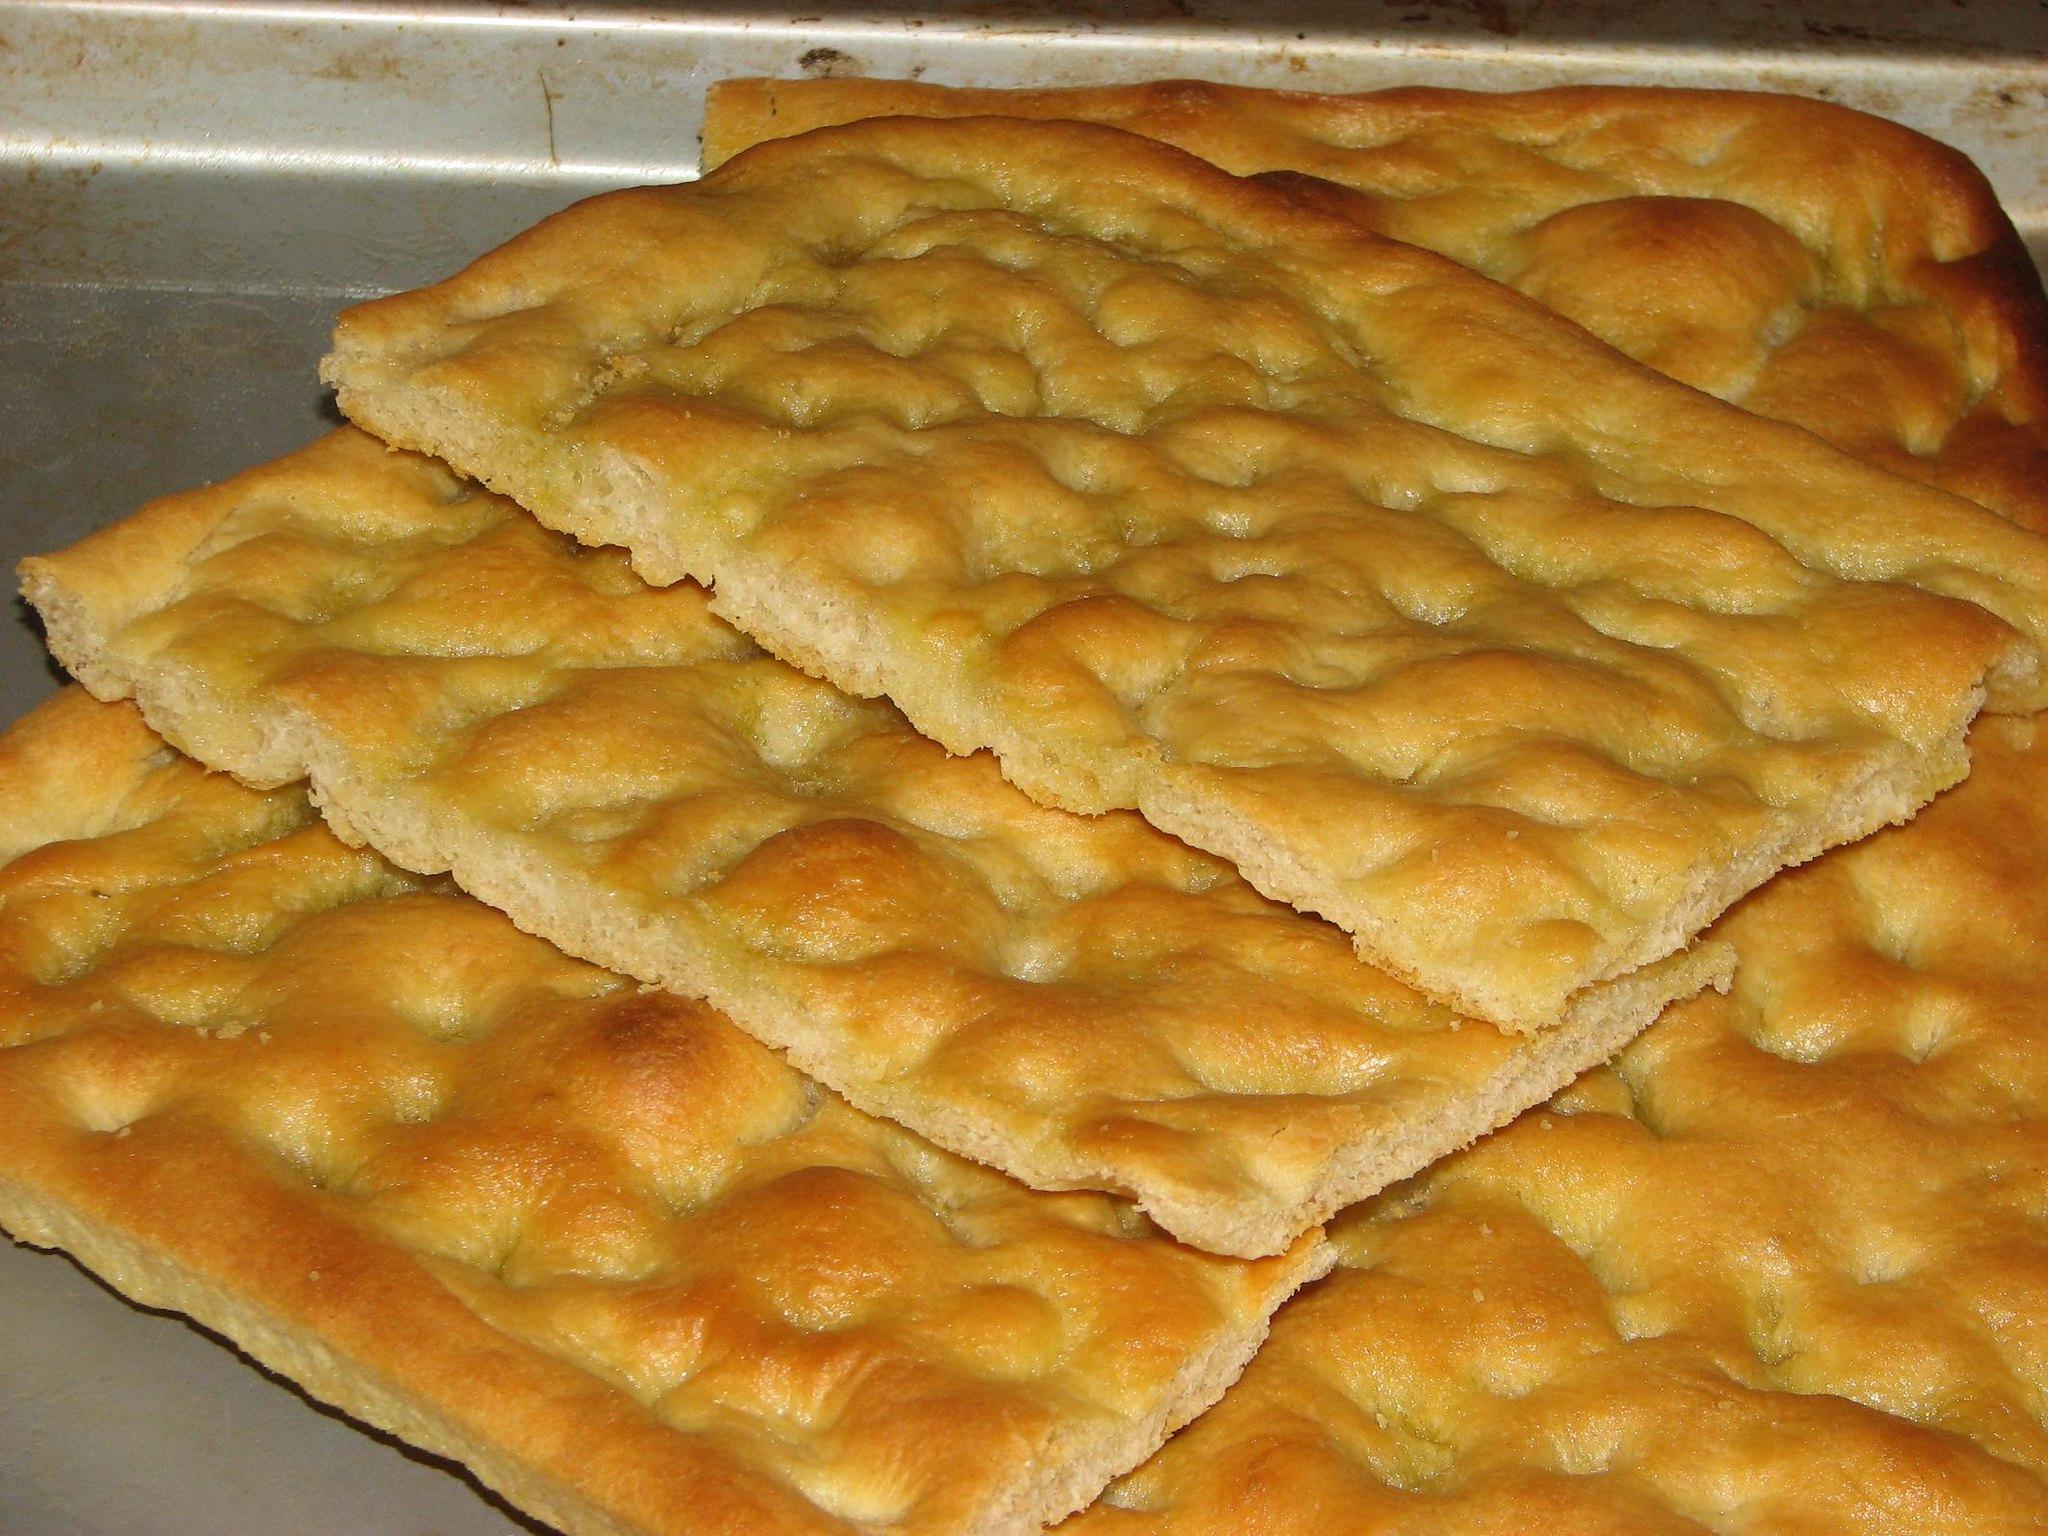 Focaccia Genovese Ricetta Originale Bimby.Focaccia Genovese Bimby Ricetta Semplice E Veloce Food Blog